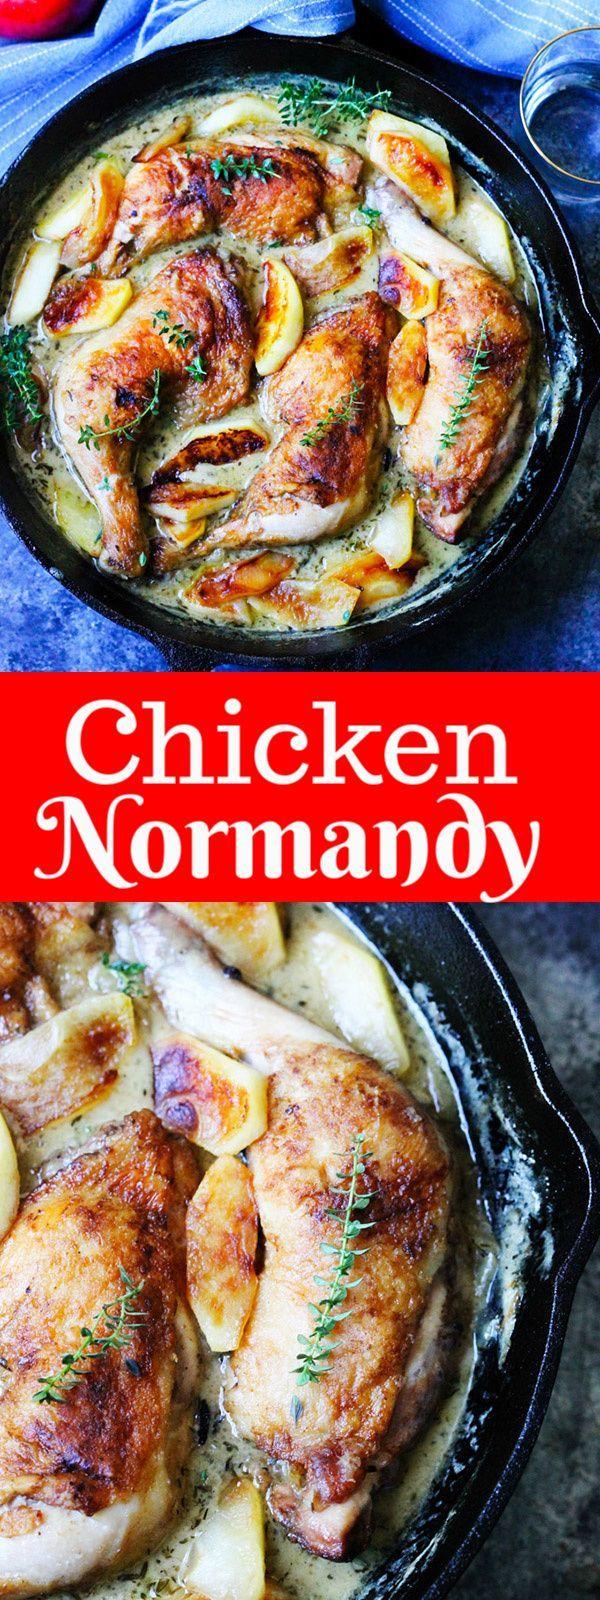 Chicken Normandy Braised Chicken Legs In Apple Cider Brandy Recipe Chicken Normandy French Chicken Dishes Braised Chicken